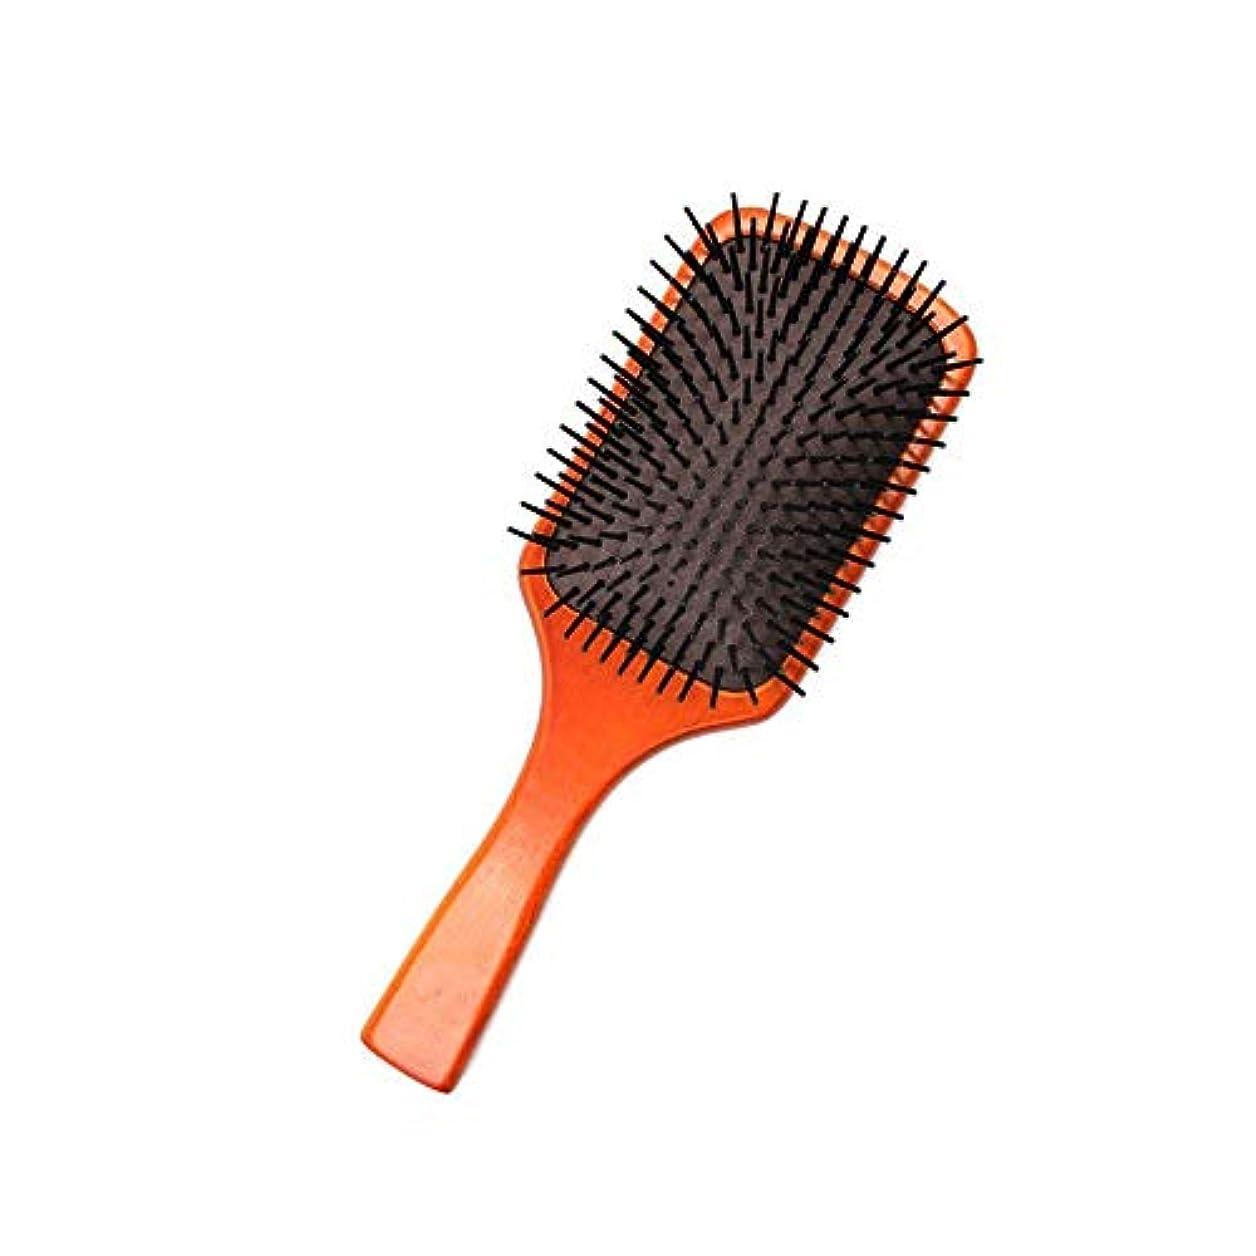 学んだカンガルー活気づけるZYDP 帯電防止木の毛のブラシのマッサージの櫛のブラシ (色 : Photo color)